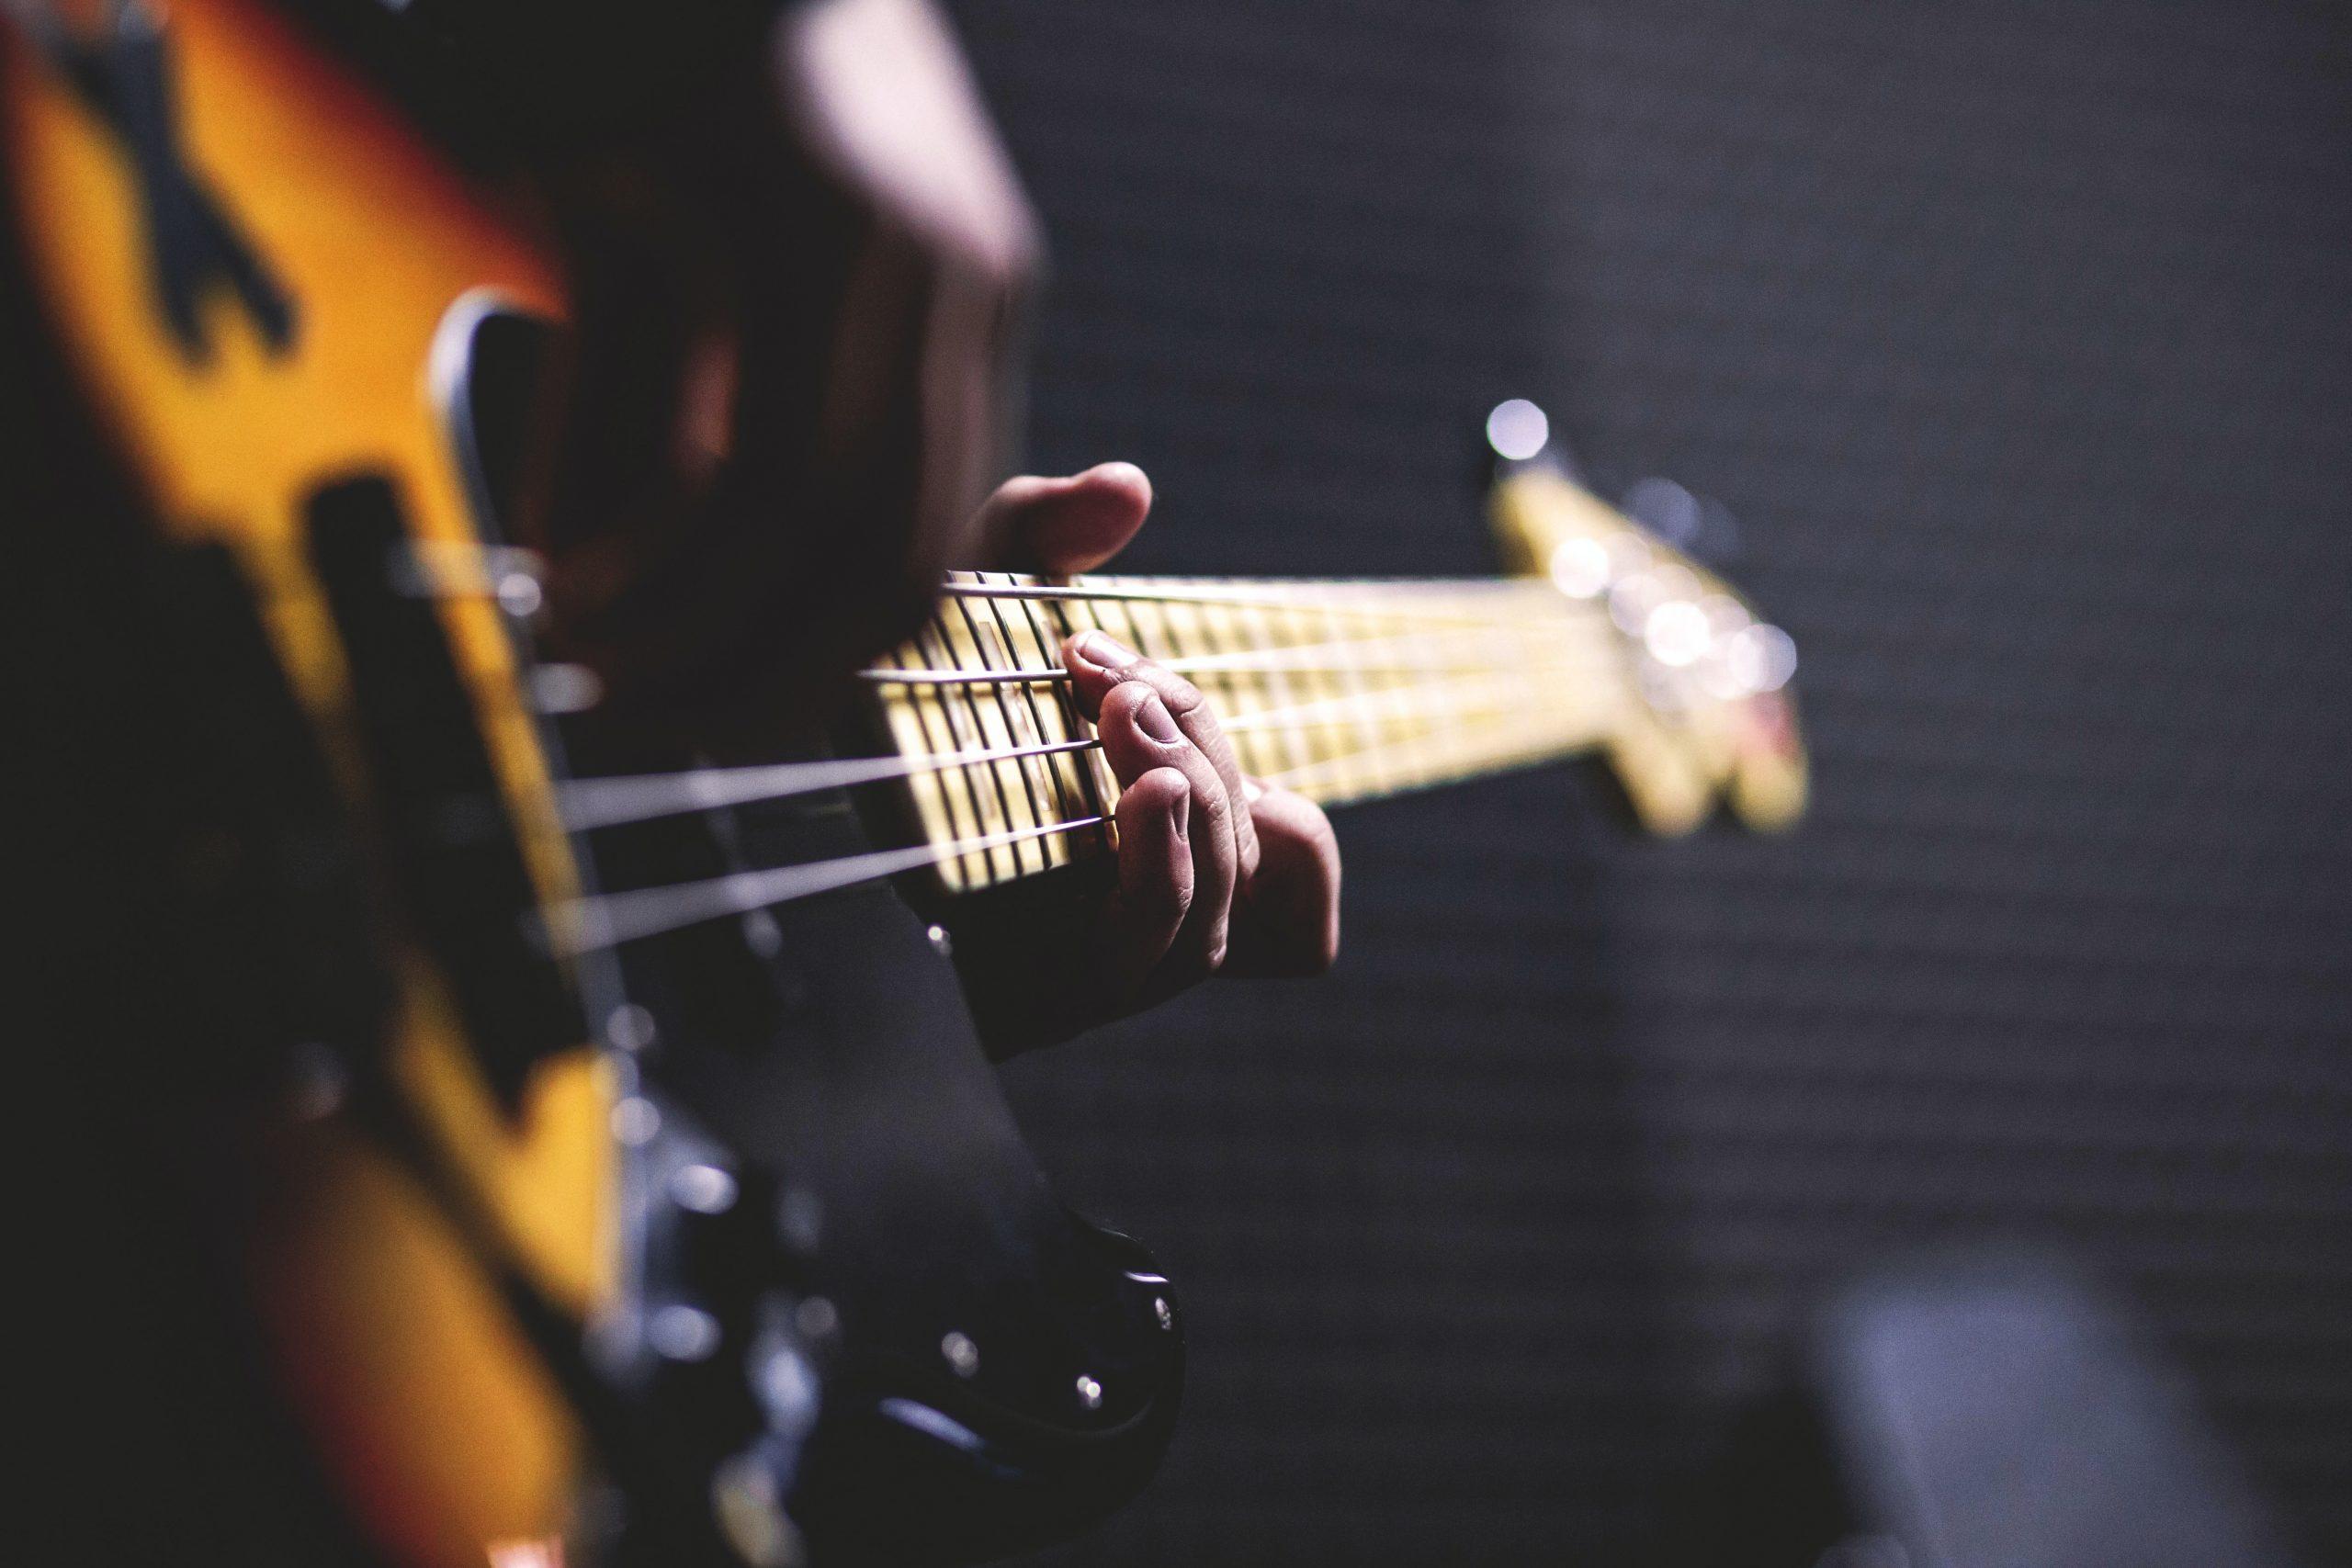 Blurry bass guitar